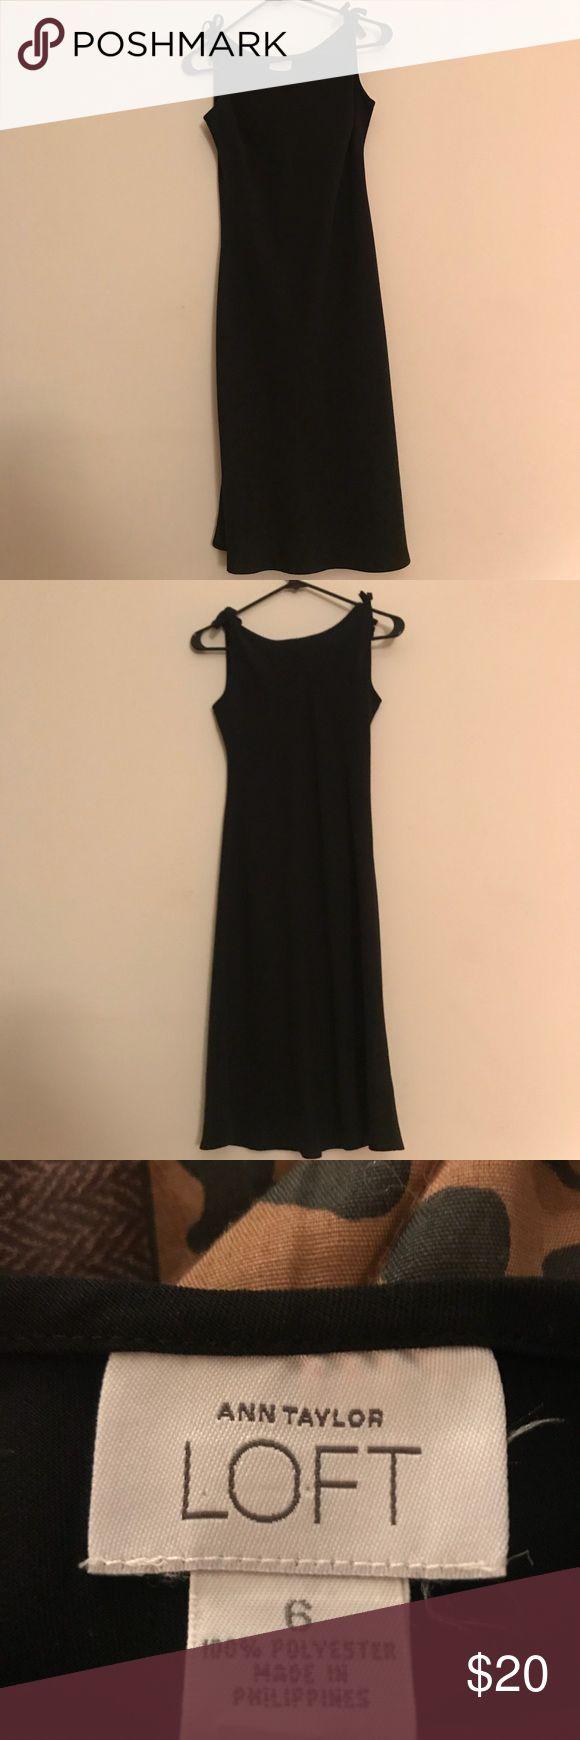 Woman's size 6 Anne Taylor Loft dress Woman's size 6 Anne Taylor Loft long black dress Anne Taylor Loft Dresses